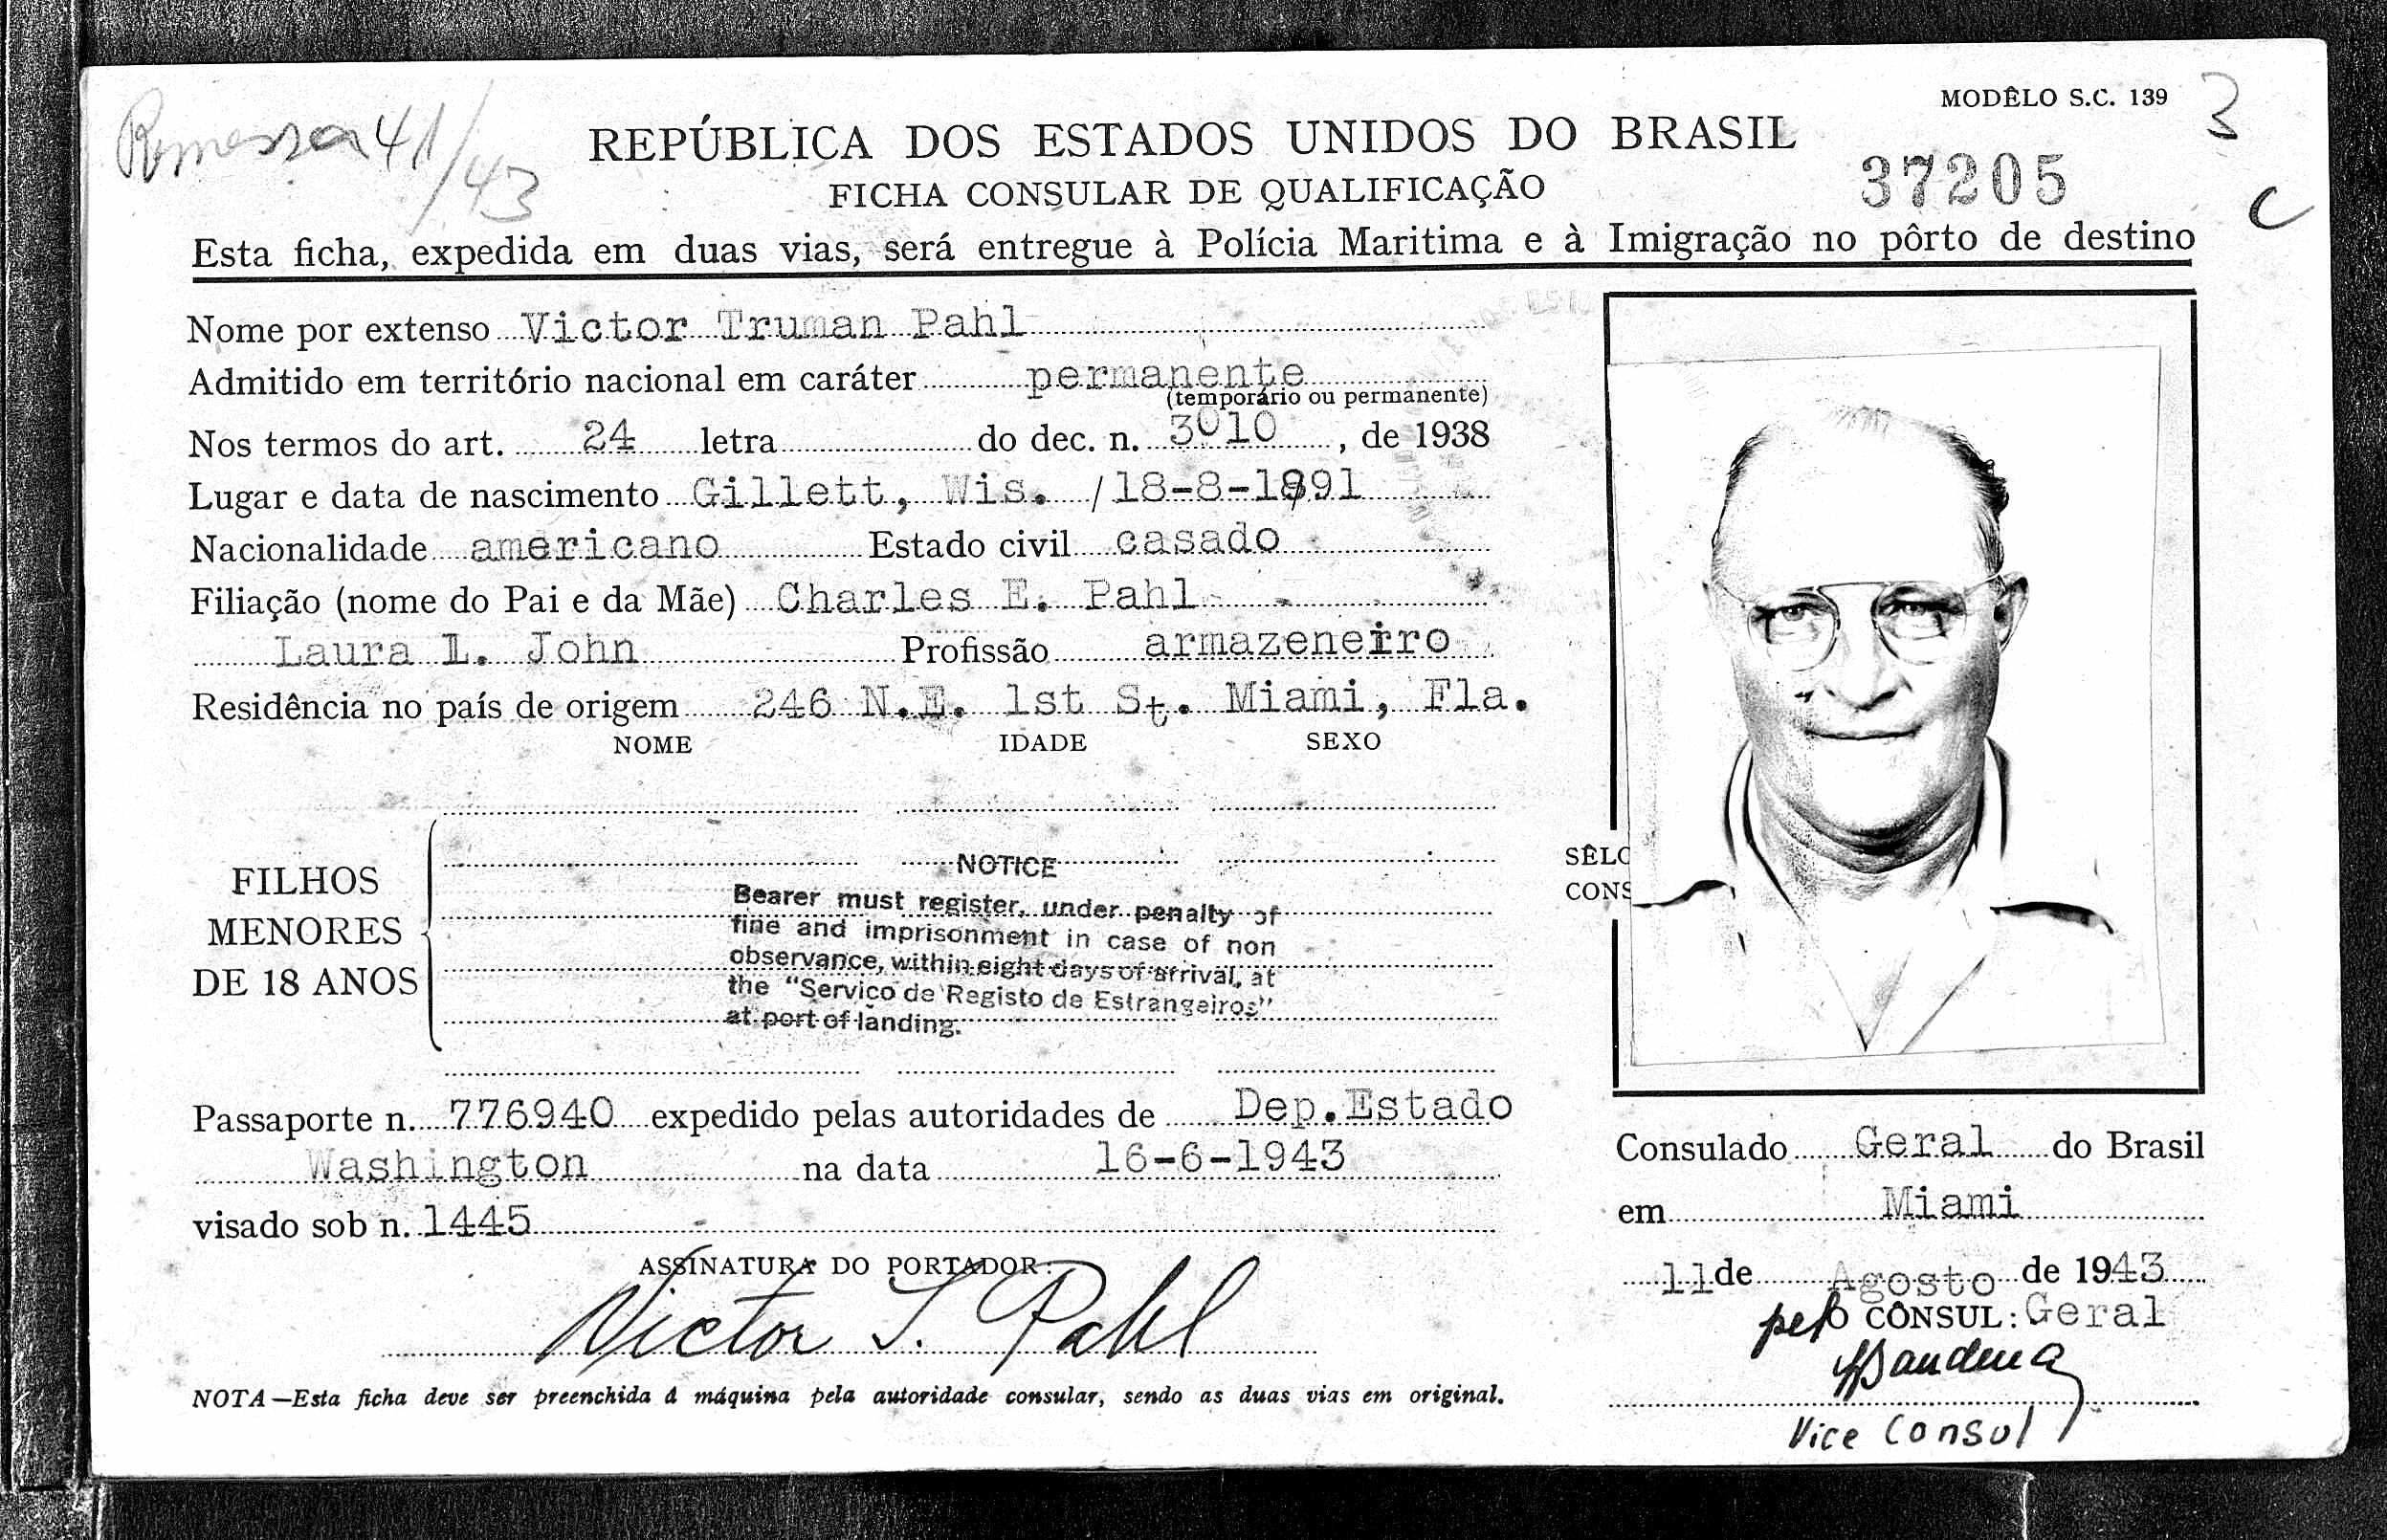 misc_pahlvic_passport1